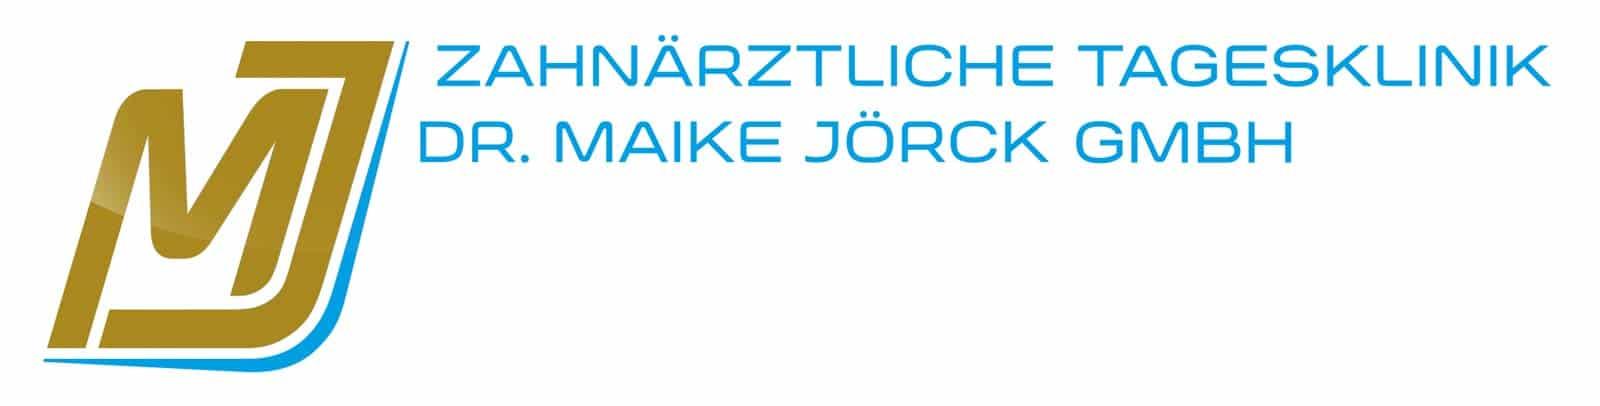 Zahnärztliche Tagesklinik Dr. Maike Jörck GmbH: Bild- Und Wortmarke